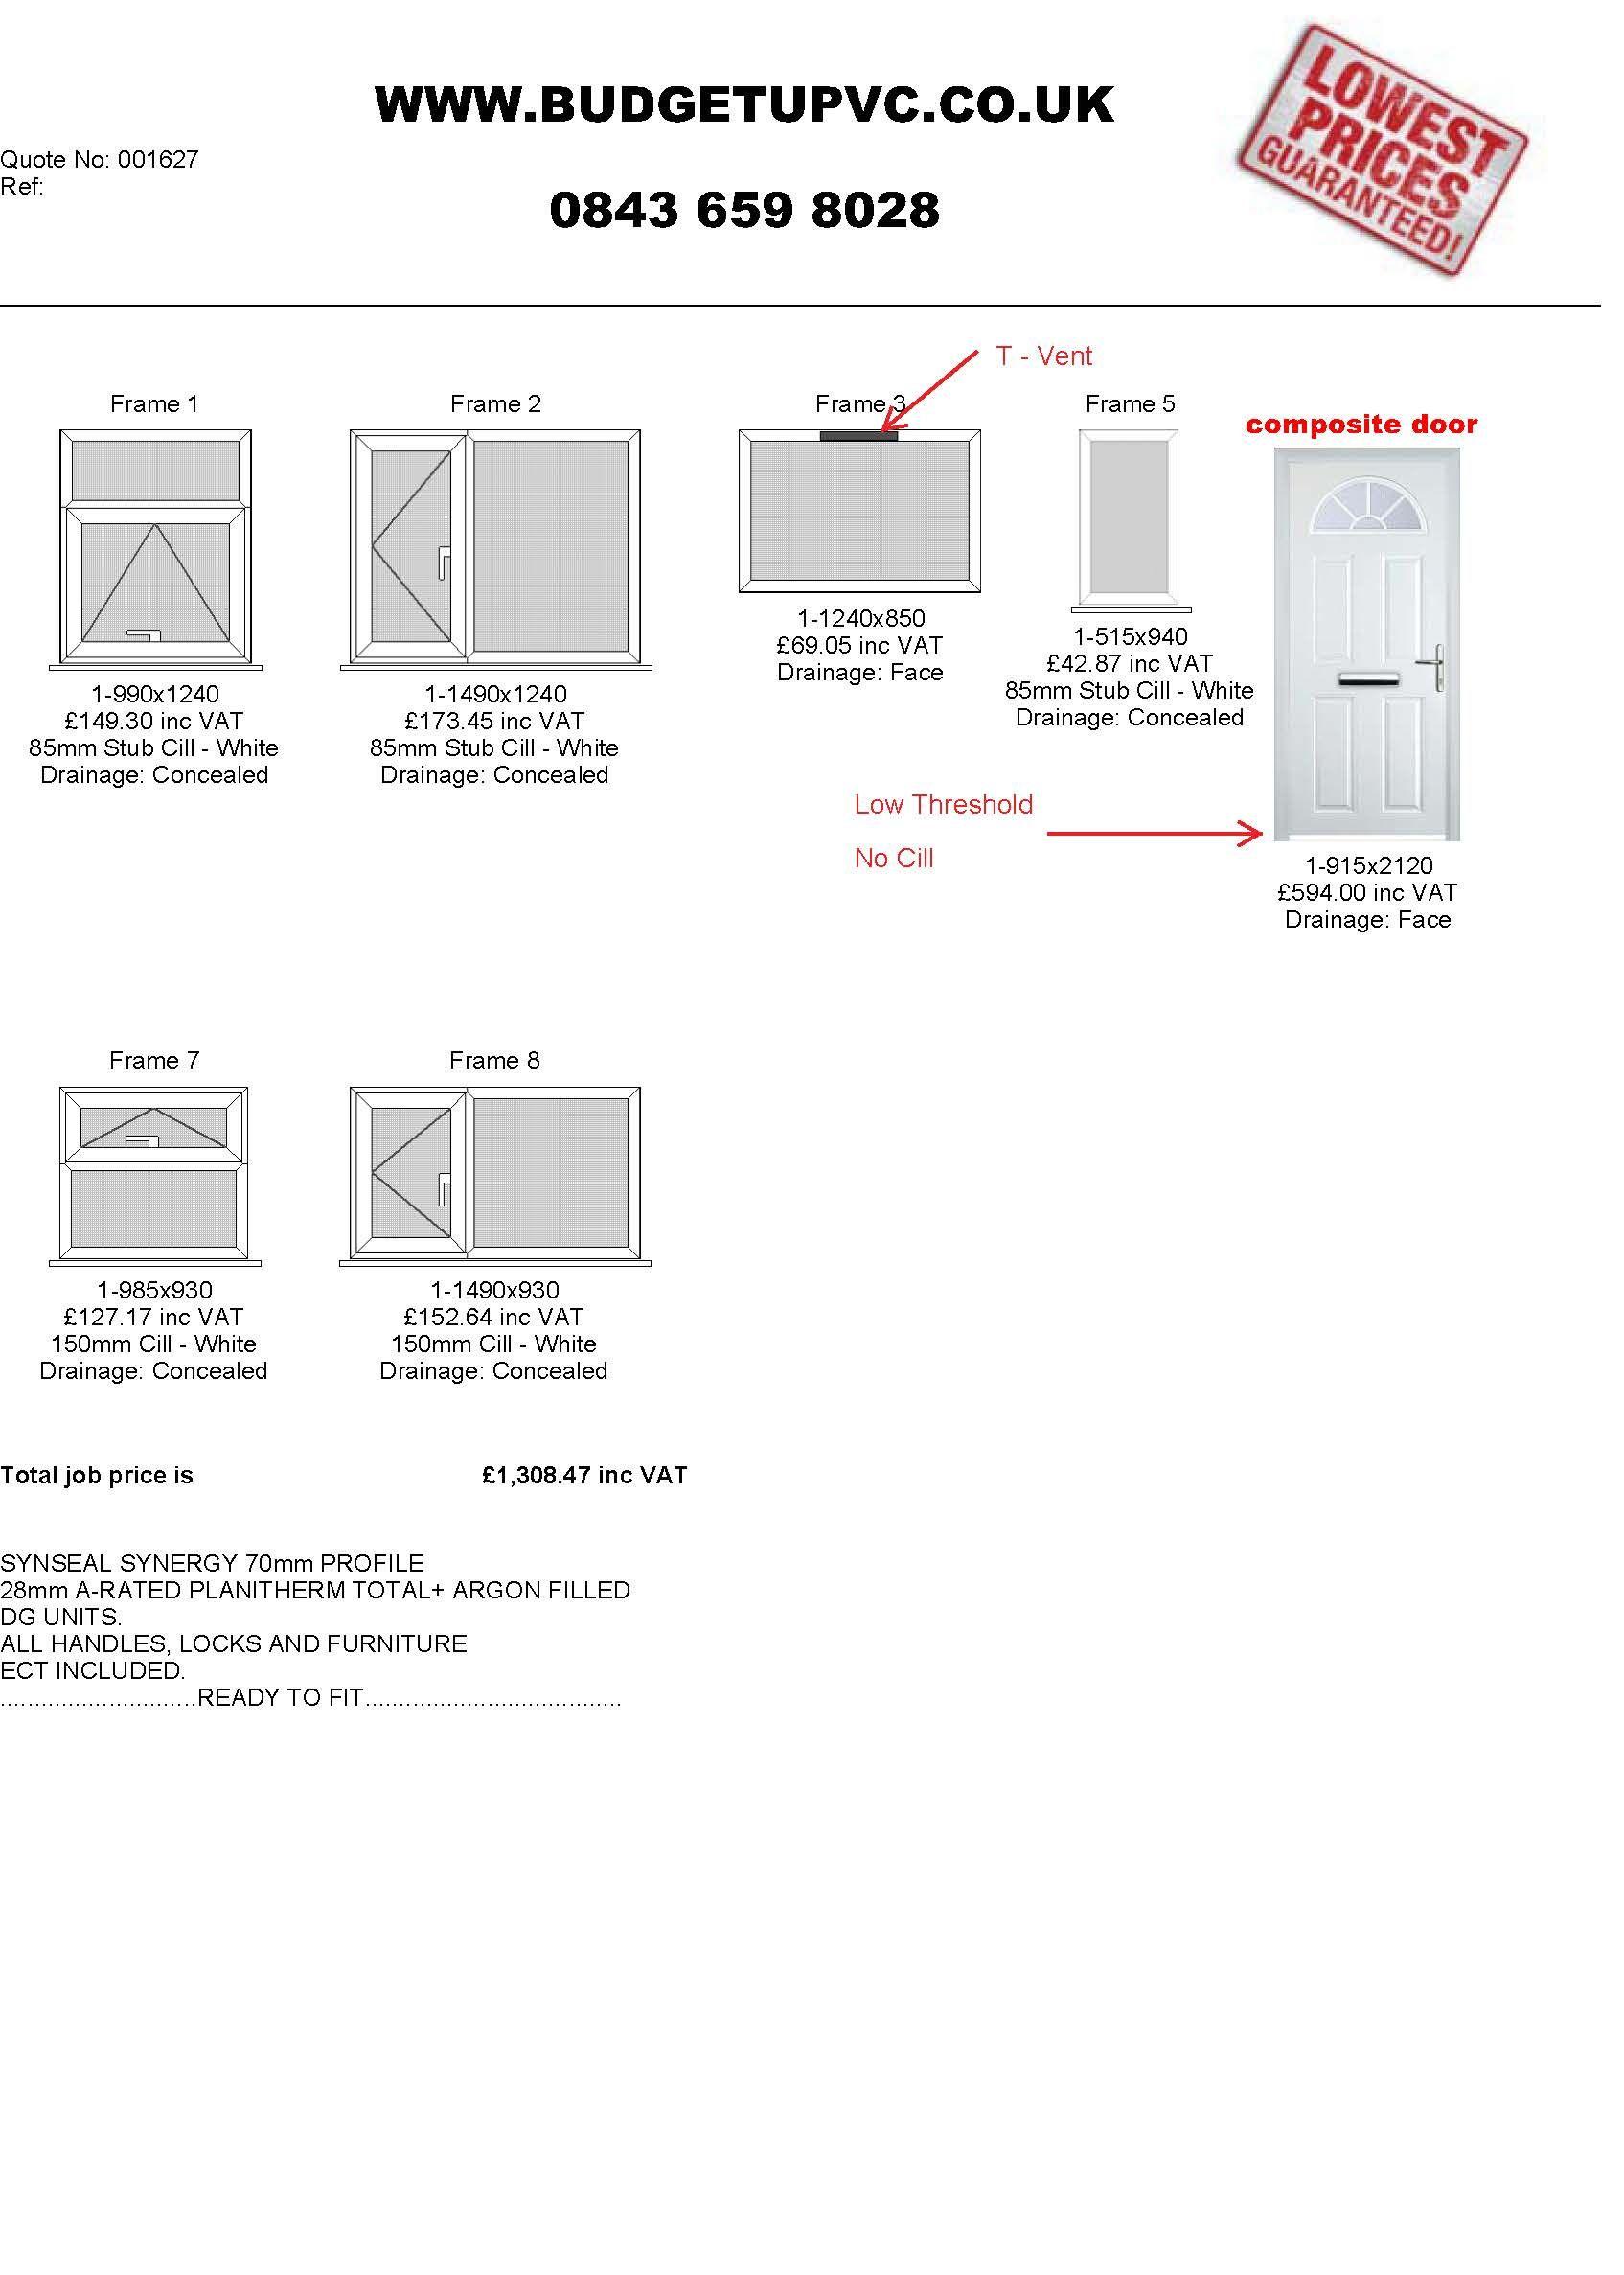 Buy Trade Diy Double Glazed Upvc Windows Doors Online Budgetupvc Glazing Diagram Budgetupvccouk